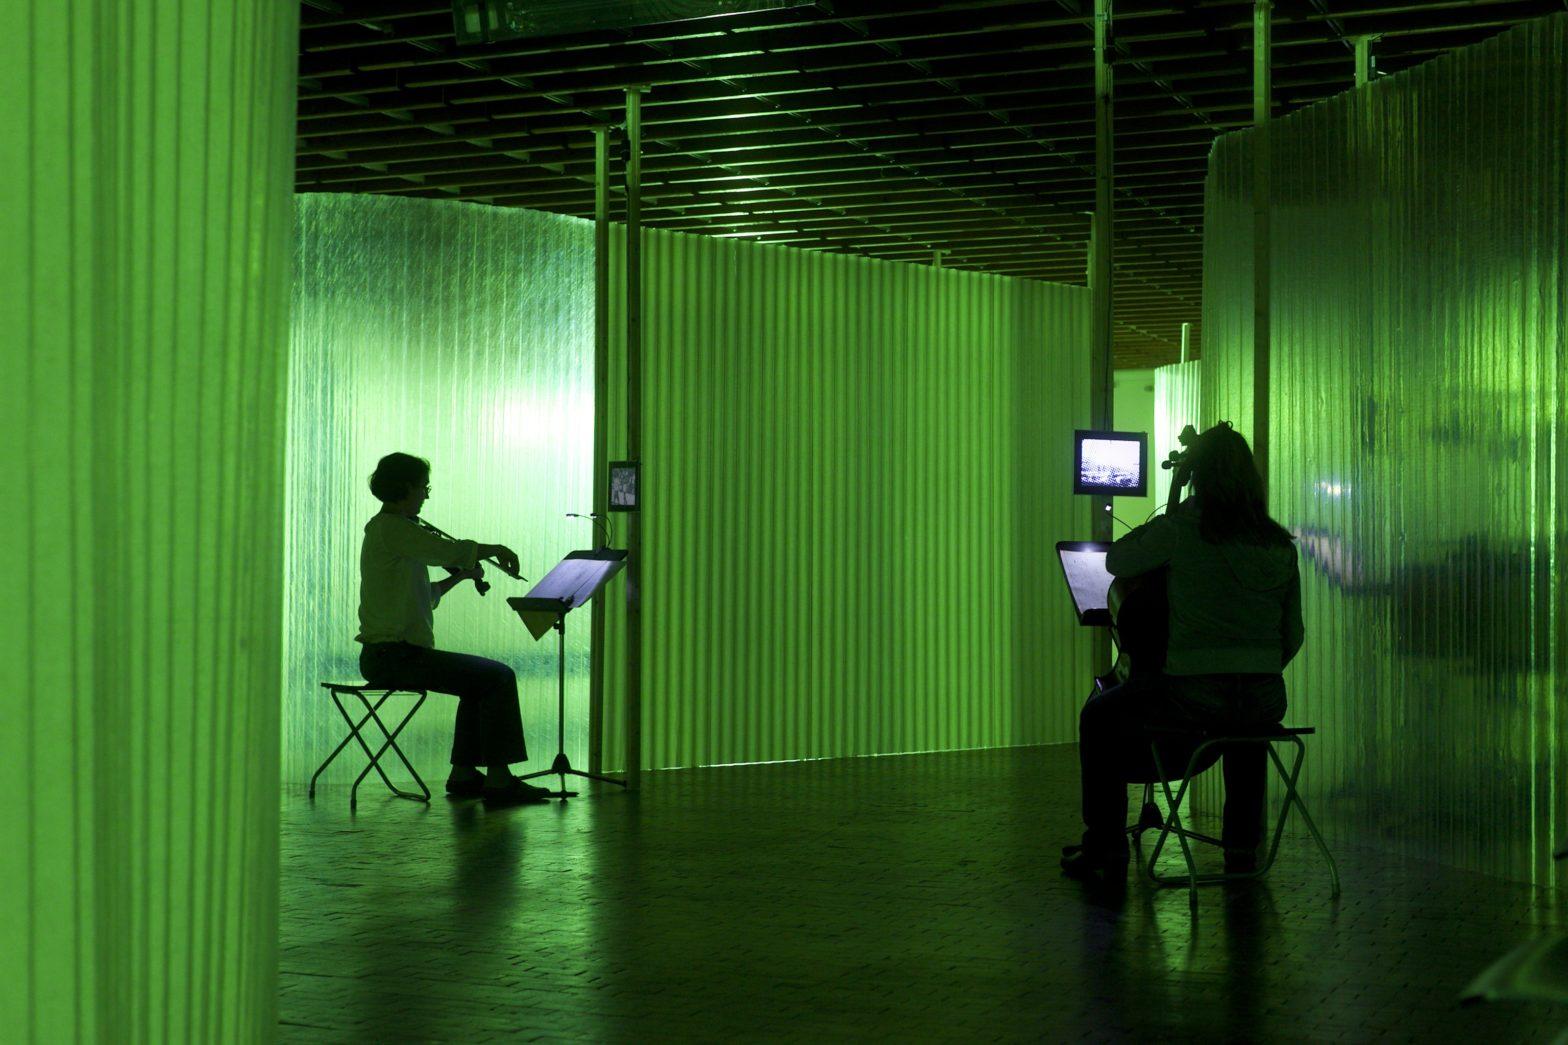 Lose Combo und Kammerensemble Neue Musik Berlin: time / zones nach John Cage in der Akademie der Kuenste, West. 29. - 30. August 2012.